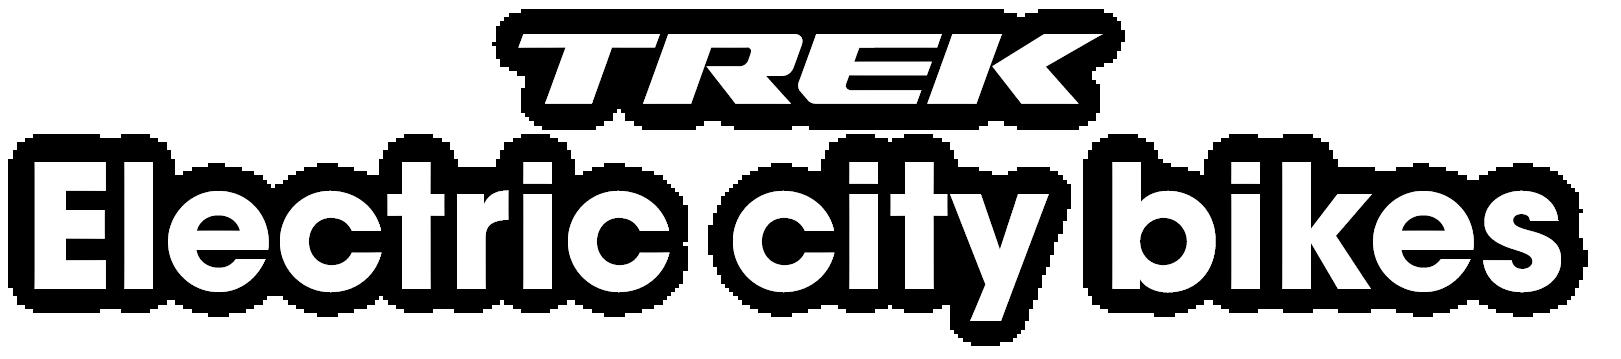 Trek Electric City Bikes